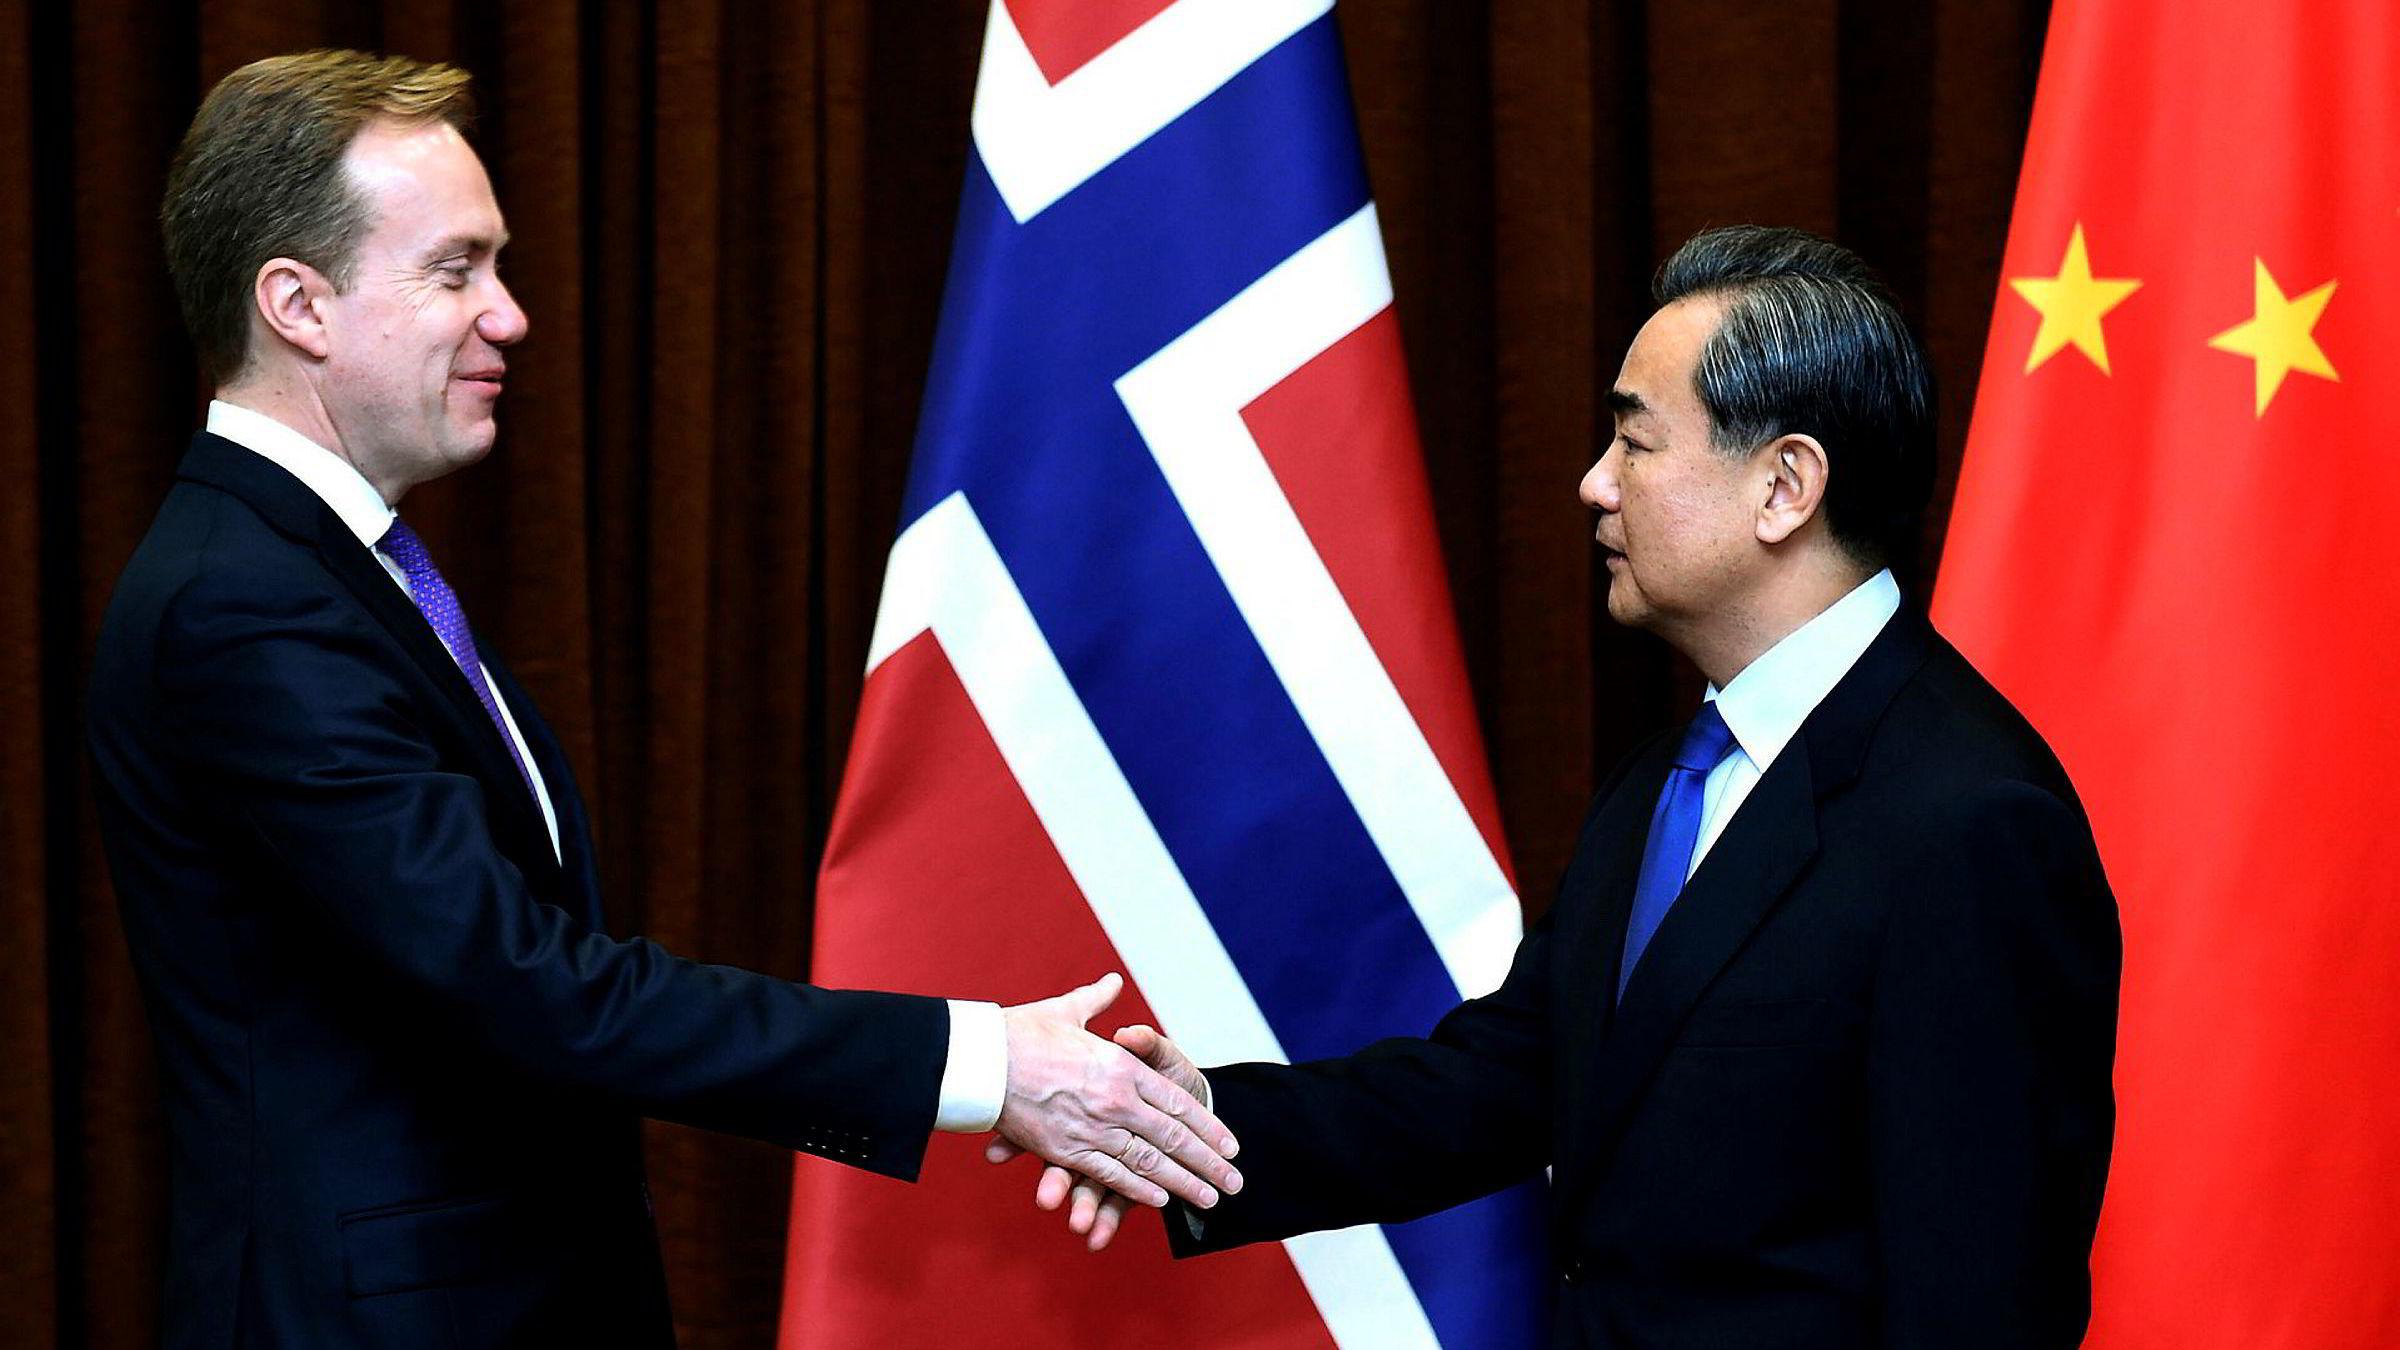 Den tvetydige og ydmyke avtalen med Kina representerer kontinuitet – og ikke et brudd. Det er, som regjeringen sier, rett og slett en normalisering, skriver artikkelforfatteren. Her møter utenriksminister Børge Brende sin kinesiske kollega Wang Yi i Beijing 19. desember i år.